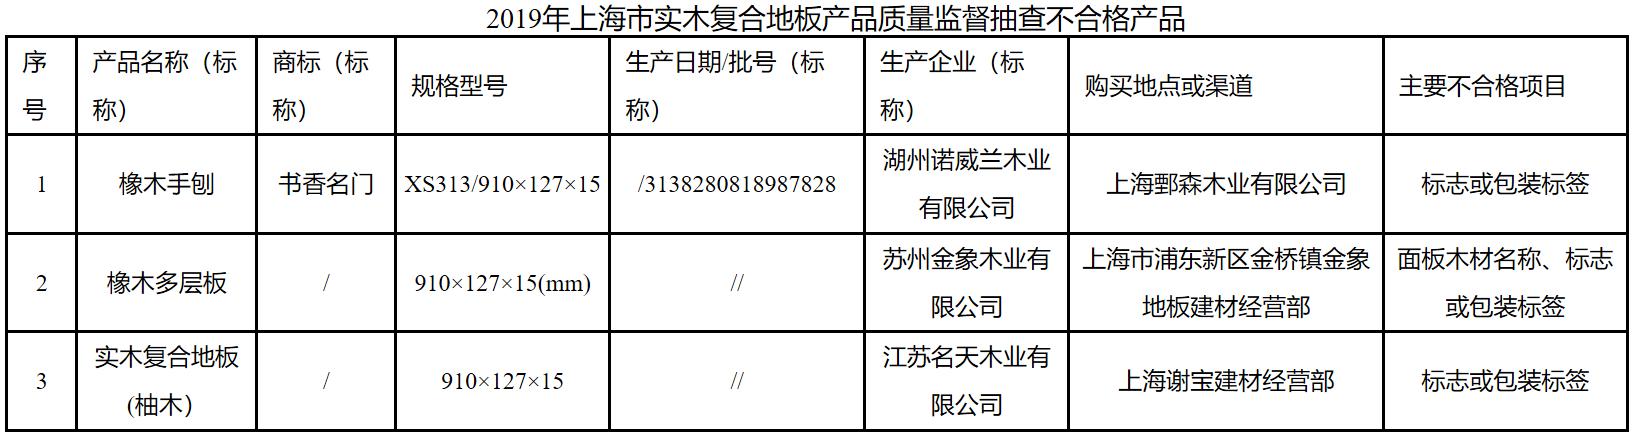 上海市市场监督管理局:3批次实木复合地板不合格